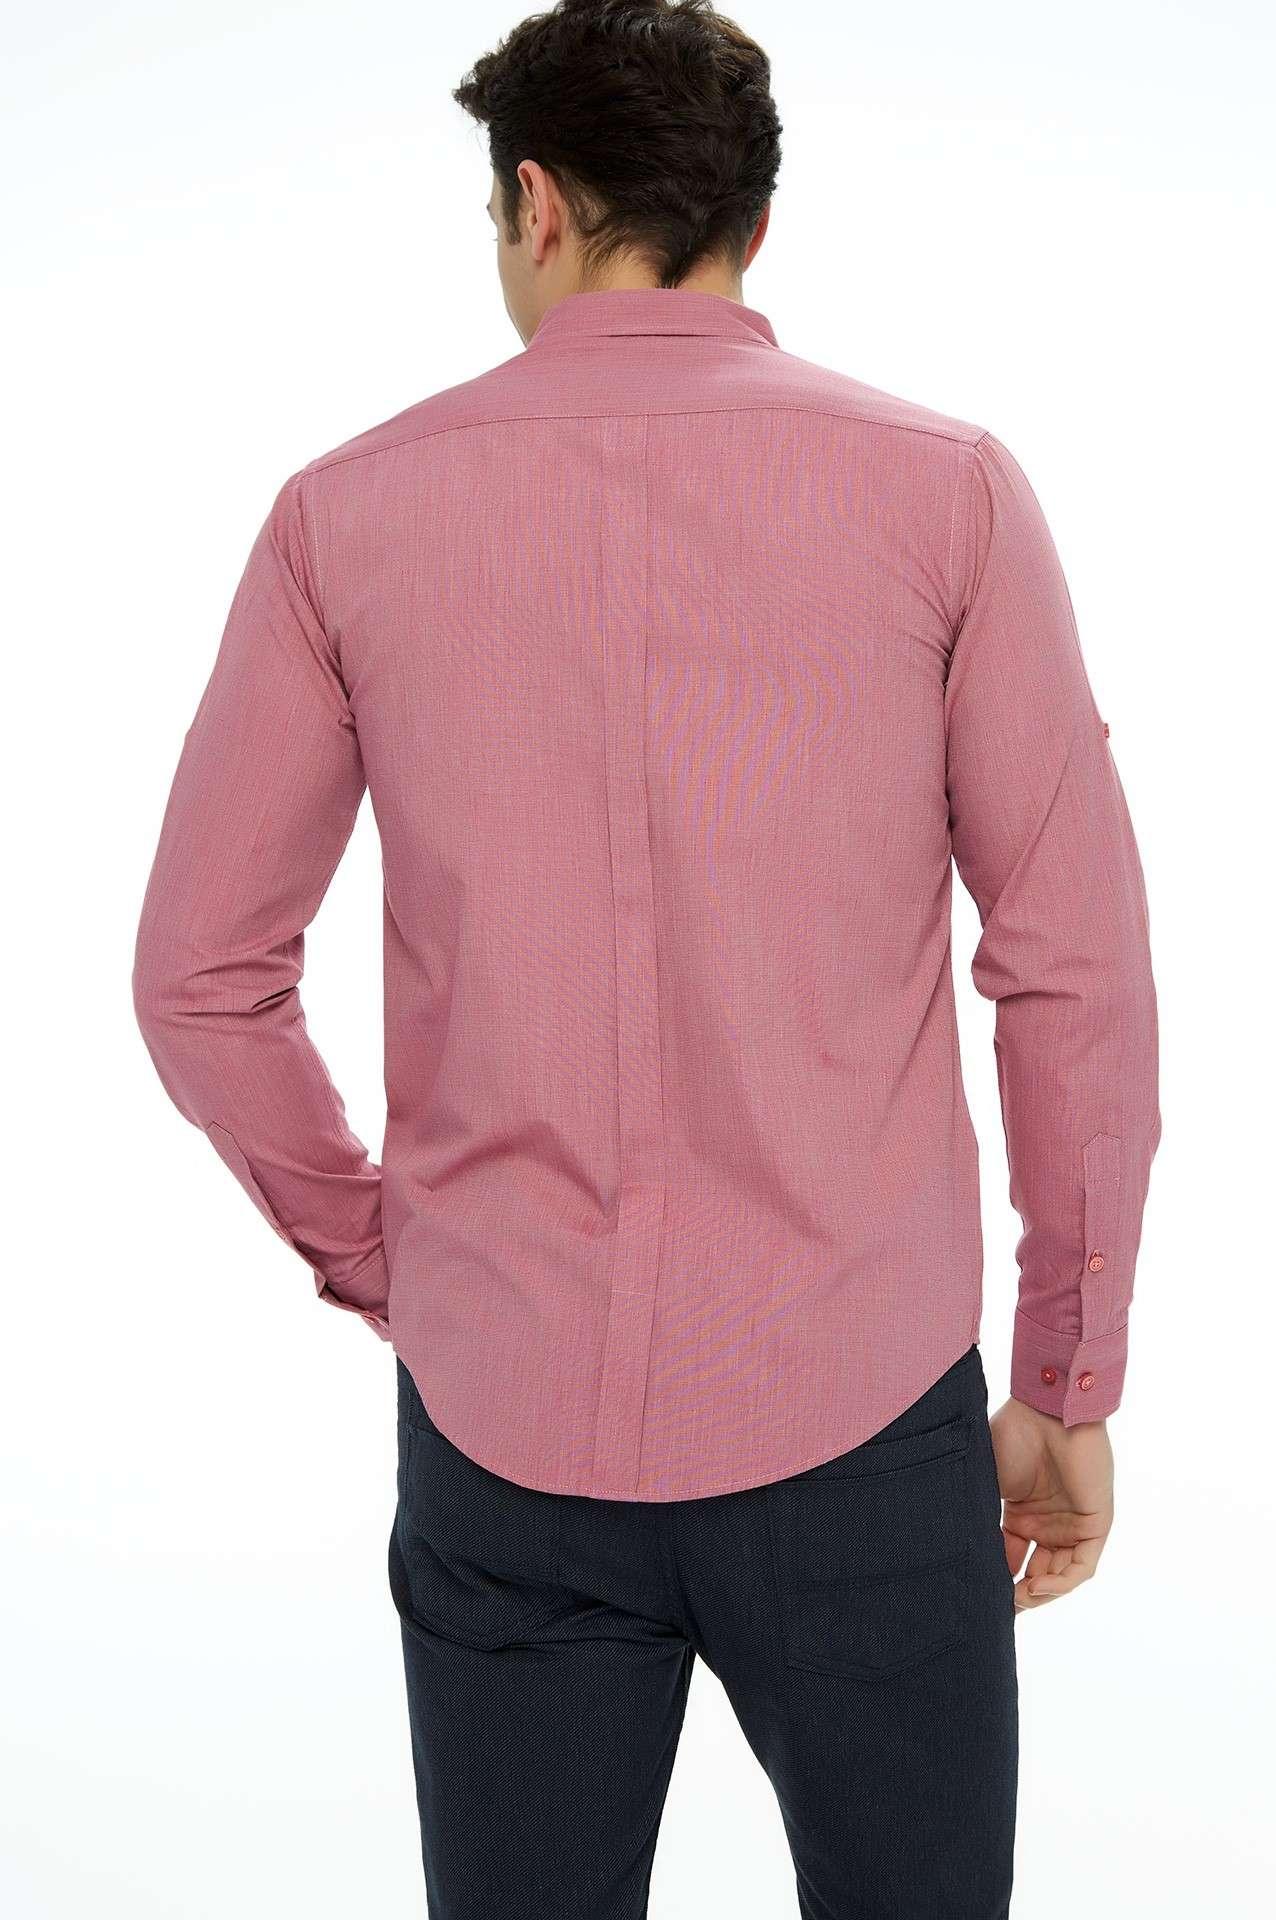 بالصور قميص رجالي , اختيار القميص المناسب من اسرار جذب النساء 1498 9